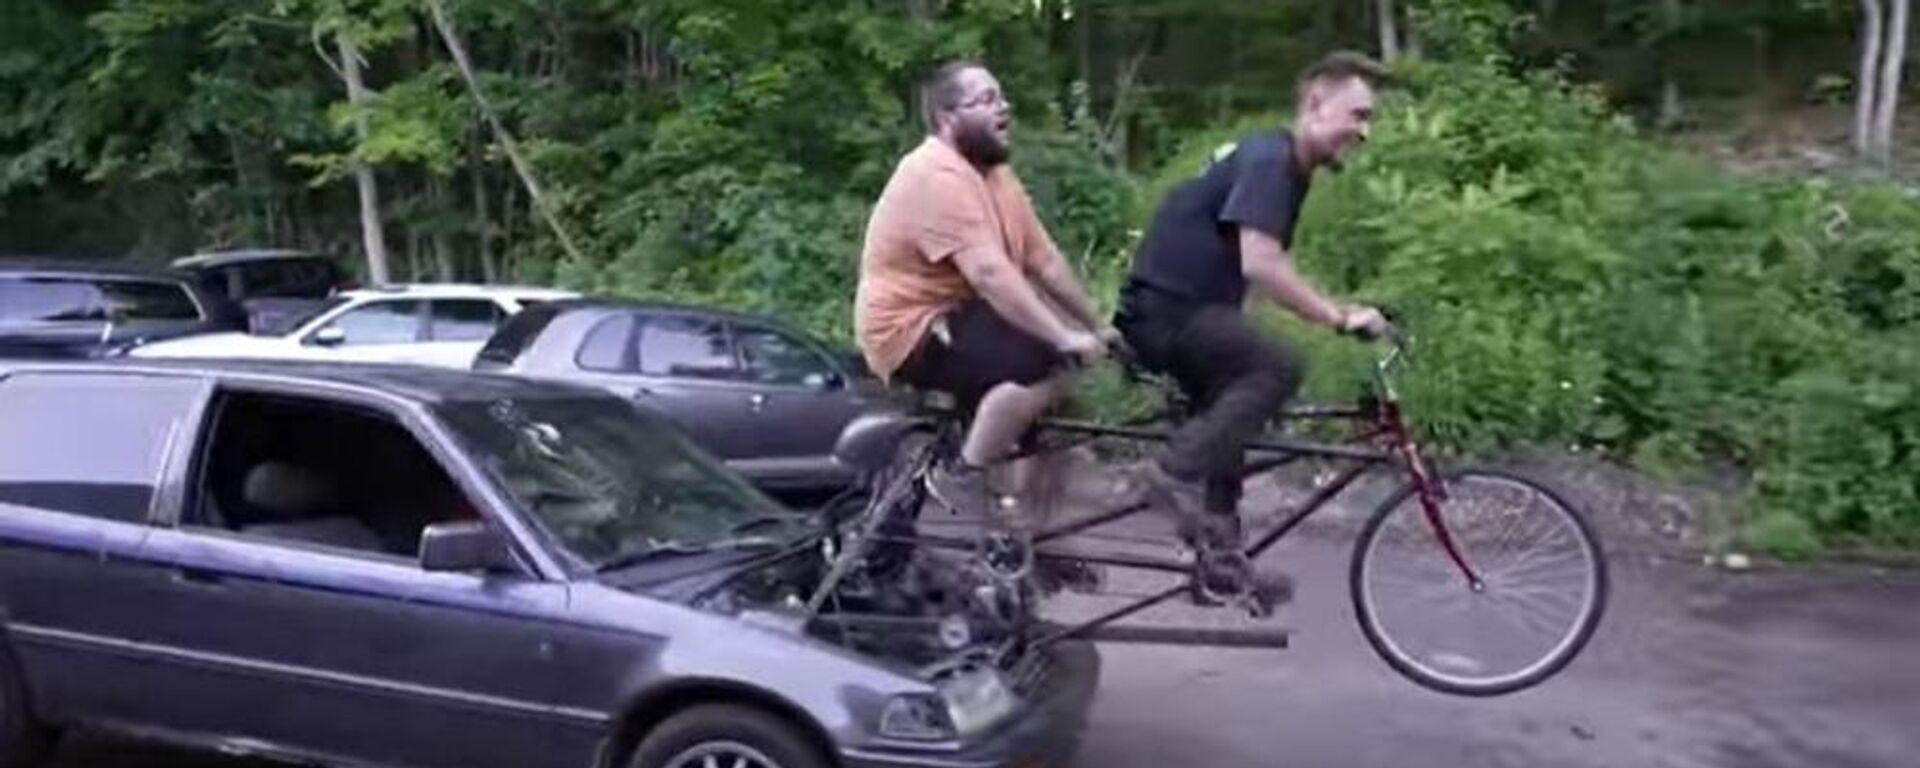 Άντρες κάνουν ποδήλατο για να κινήσουν αμάξι - Sputnik Ελλάδα, 1920, 07.07.2021